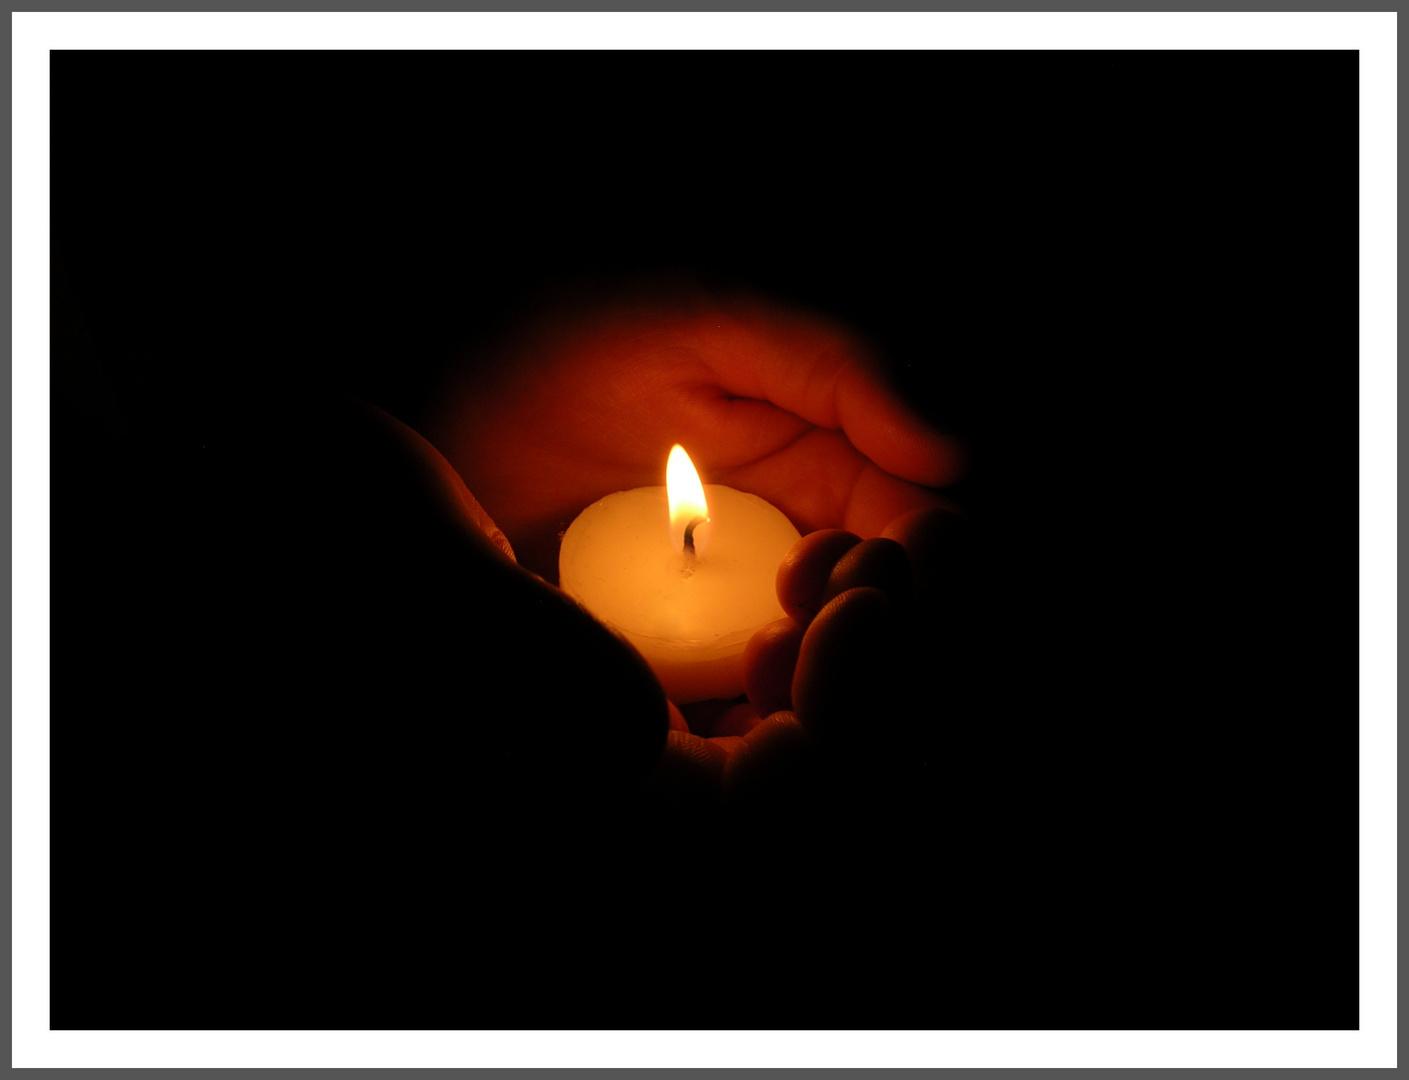 Kleines Licht in kleinen Händen